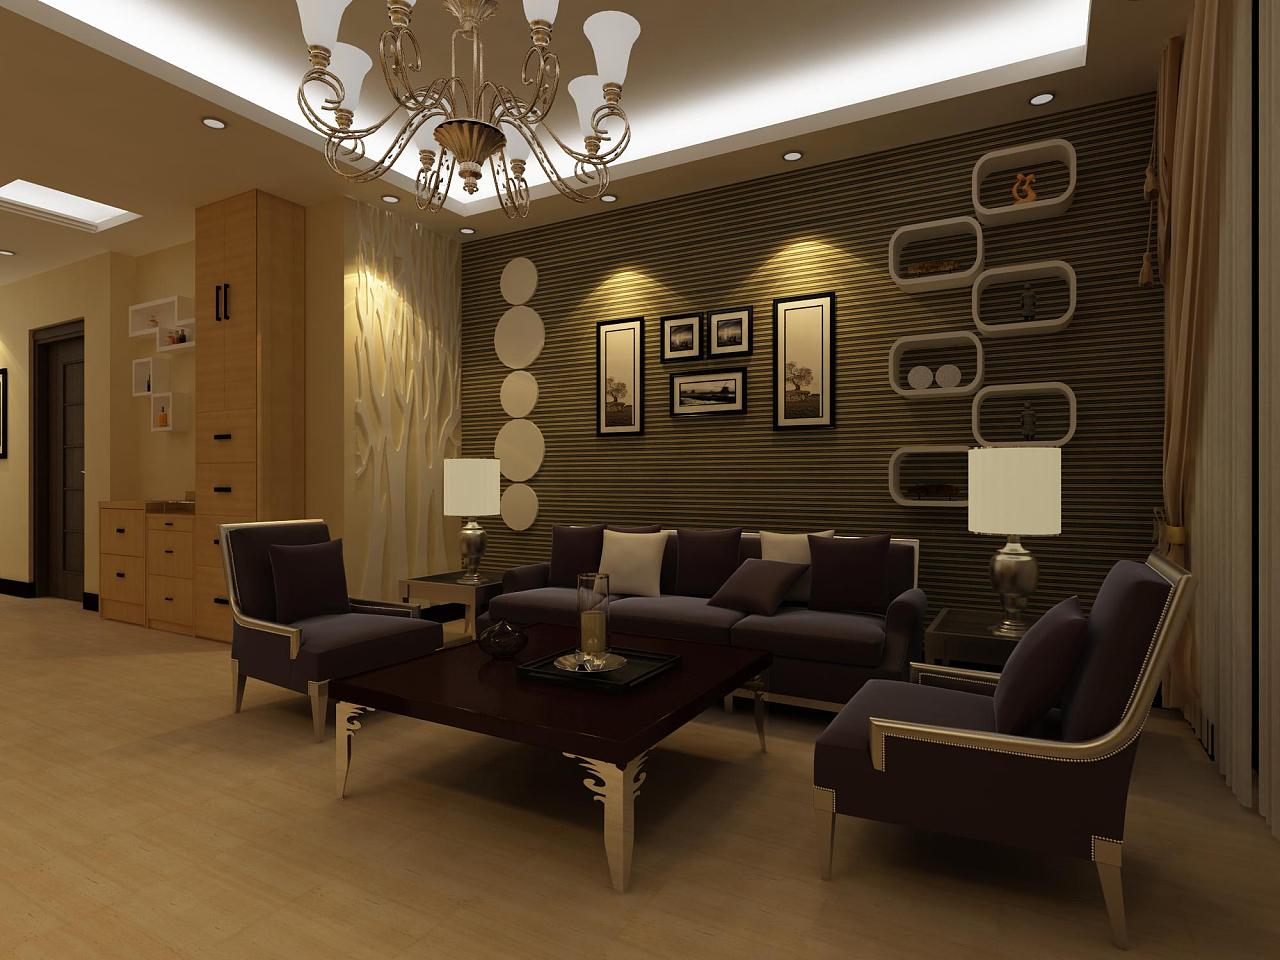 自己设计的一套室内效果图, 多多关照哦图片